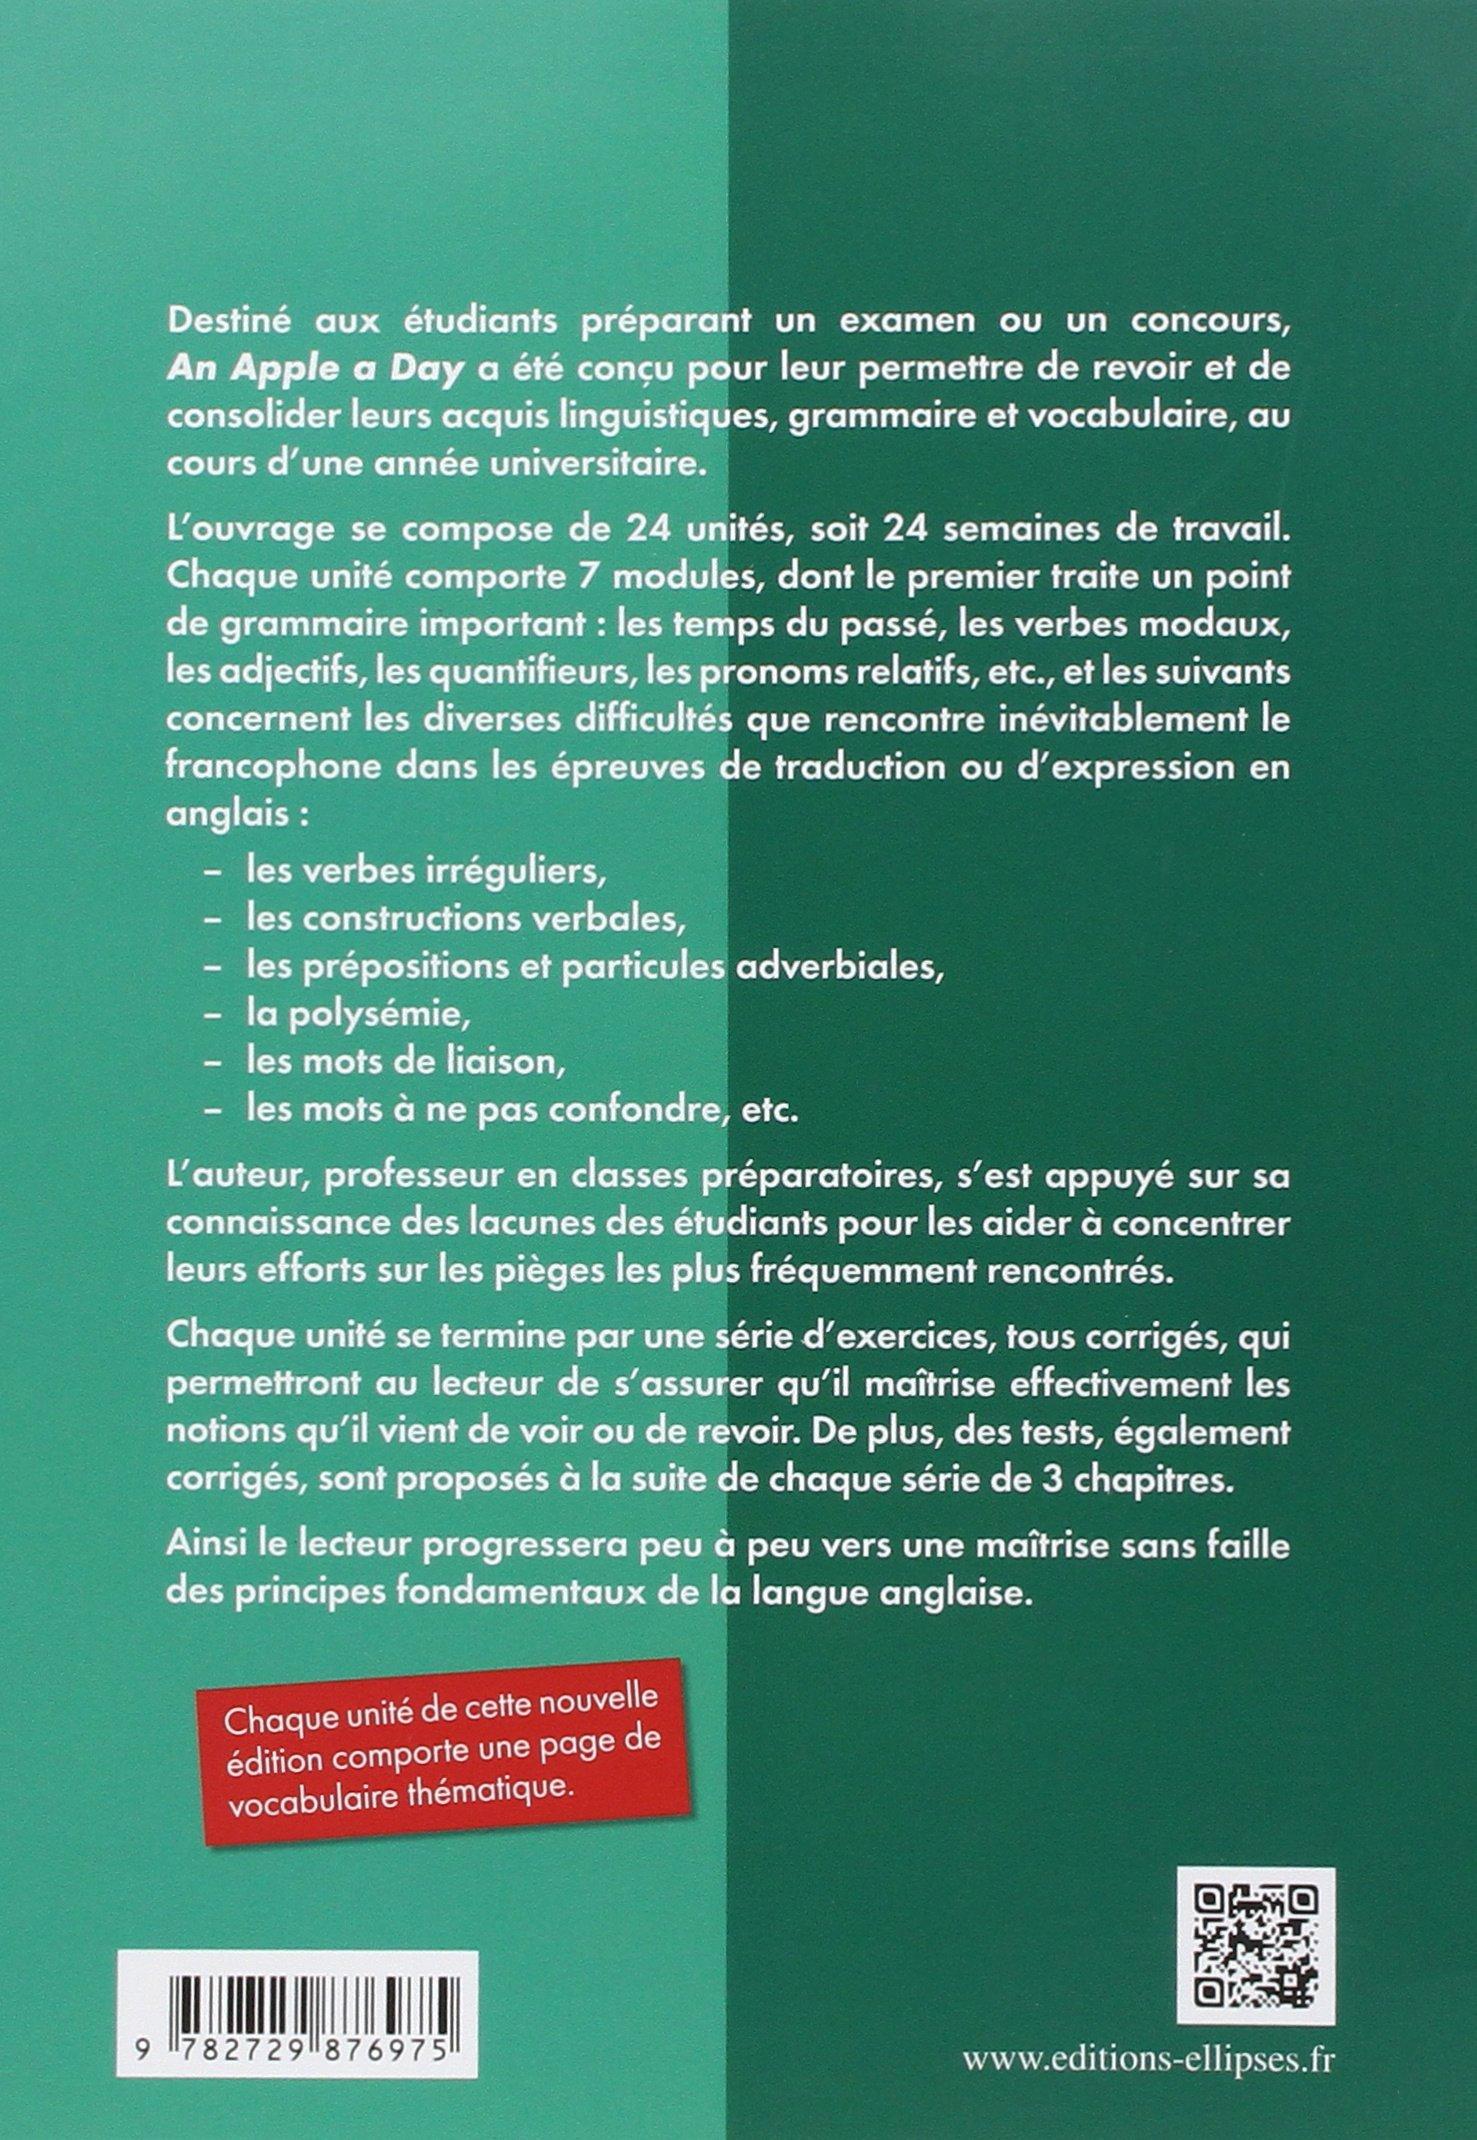 Amazon.fr - An Apple a Day l'Essentiel de la Grammaire et du Vocabulaire Anglais - Jean-Max Thomson - Livres